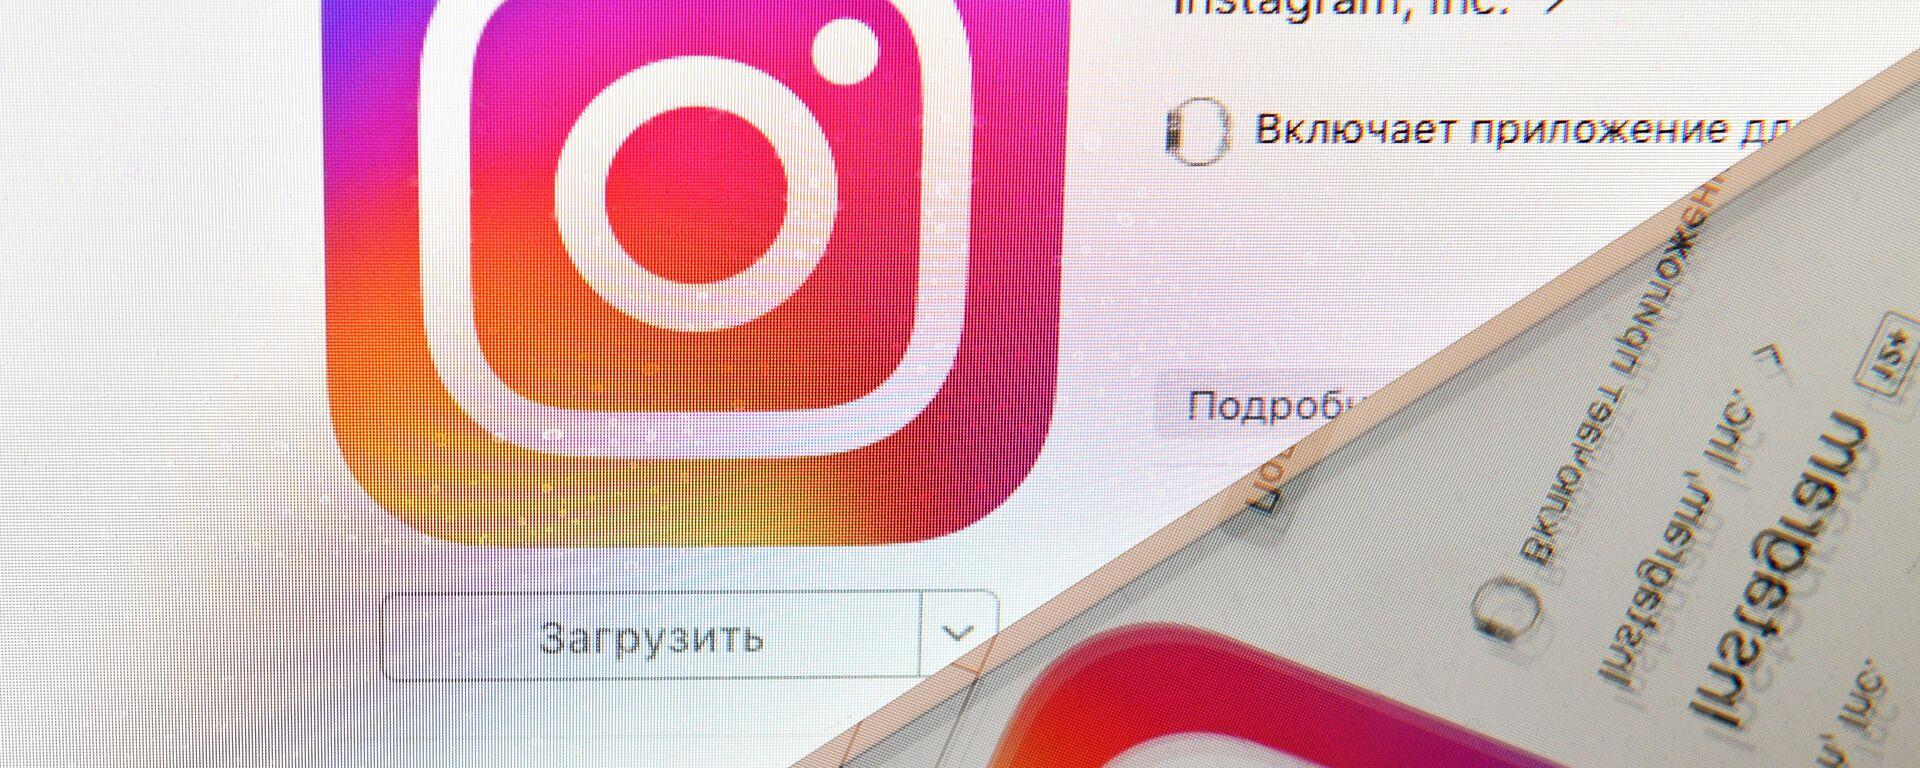 Logo di Instagram sullo schermo di uno smartphone - Sputnik Italia, 1920, 11.06.2021